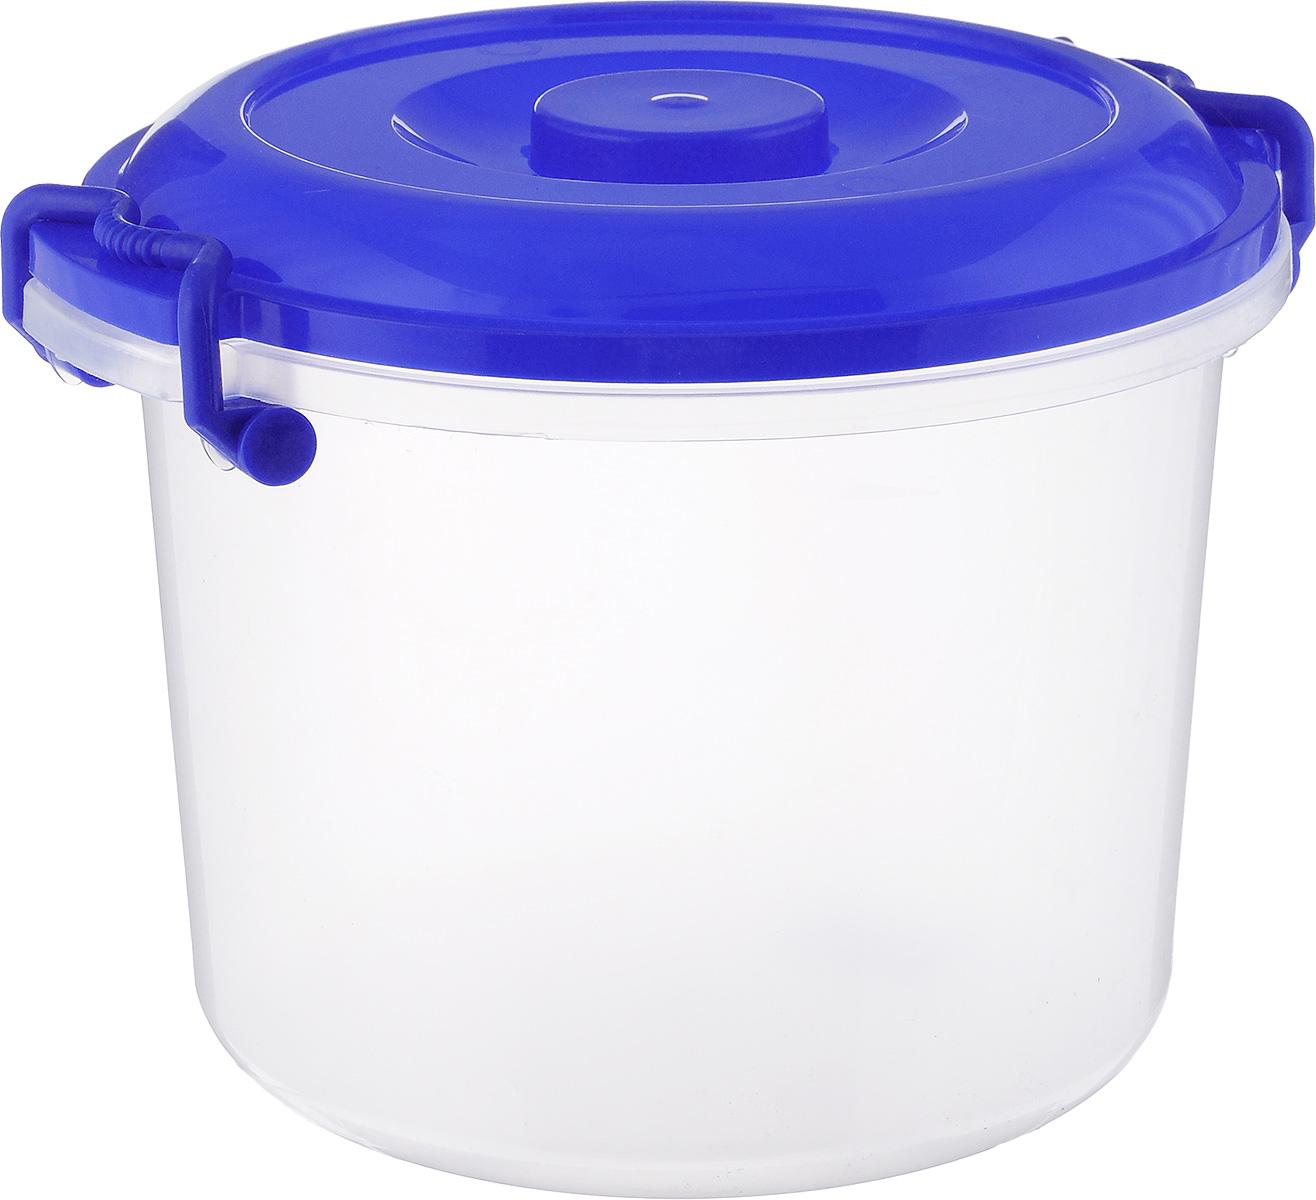 Контейнер Альтернатива, цвет: синий, прозрачный, 8 лM098_синий, прозрачныйКонтейнер Альтернатива изготовлен из высококачественного пищевого пластика. Изделие оснащено крышкой и ручками, которые плотно закрывают контейнер. Также на крышке имеется ручка для удобной переноски. Емкость предназначена для хранения различных бытовых вещей и продуктов. Такой контейнер очень функционален и всегда пригодится на кухне. Диаметр контейнера (по верхнему краю): 25 см. Высота контейнера (без учета крышки): 21 см. Объем: 8 л.